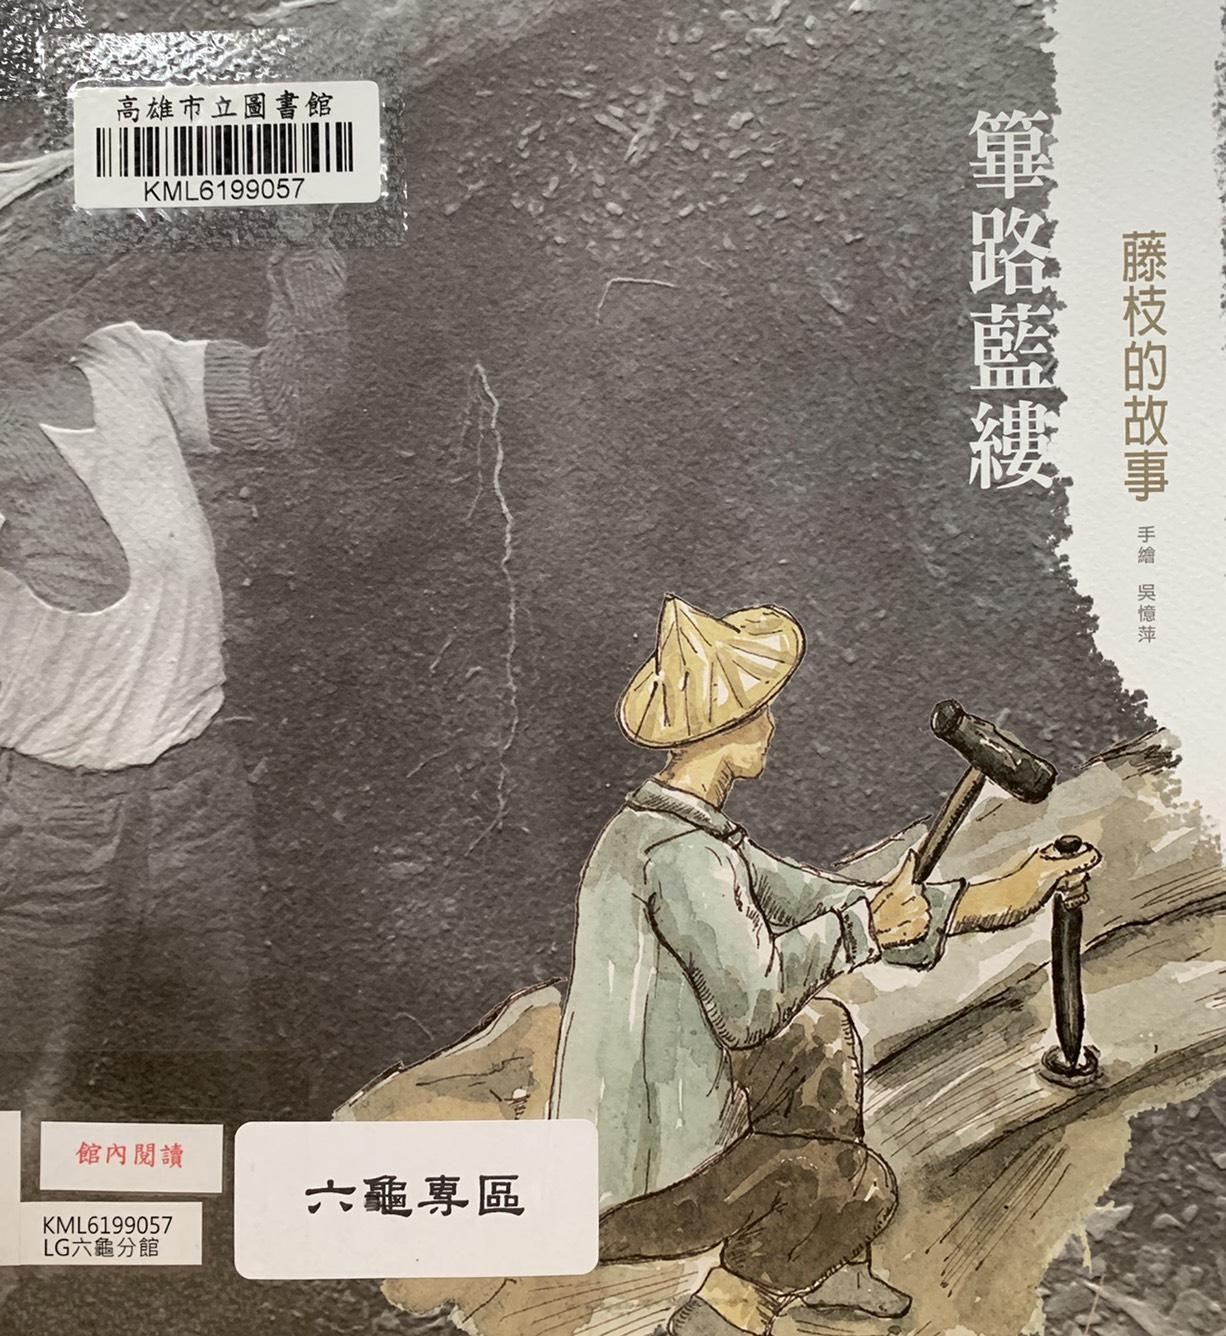 篳路藍縷 : 藤枝的故事(另開視窗)